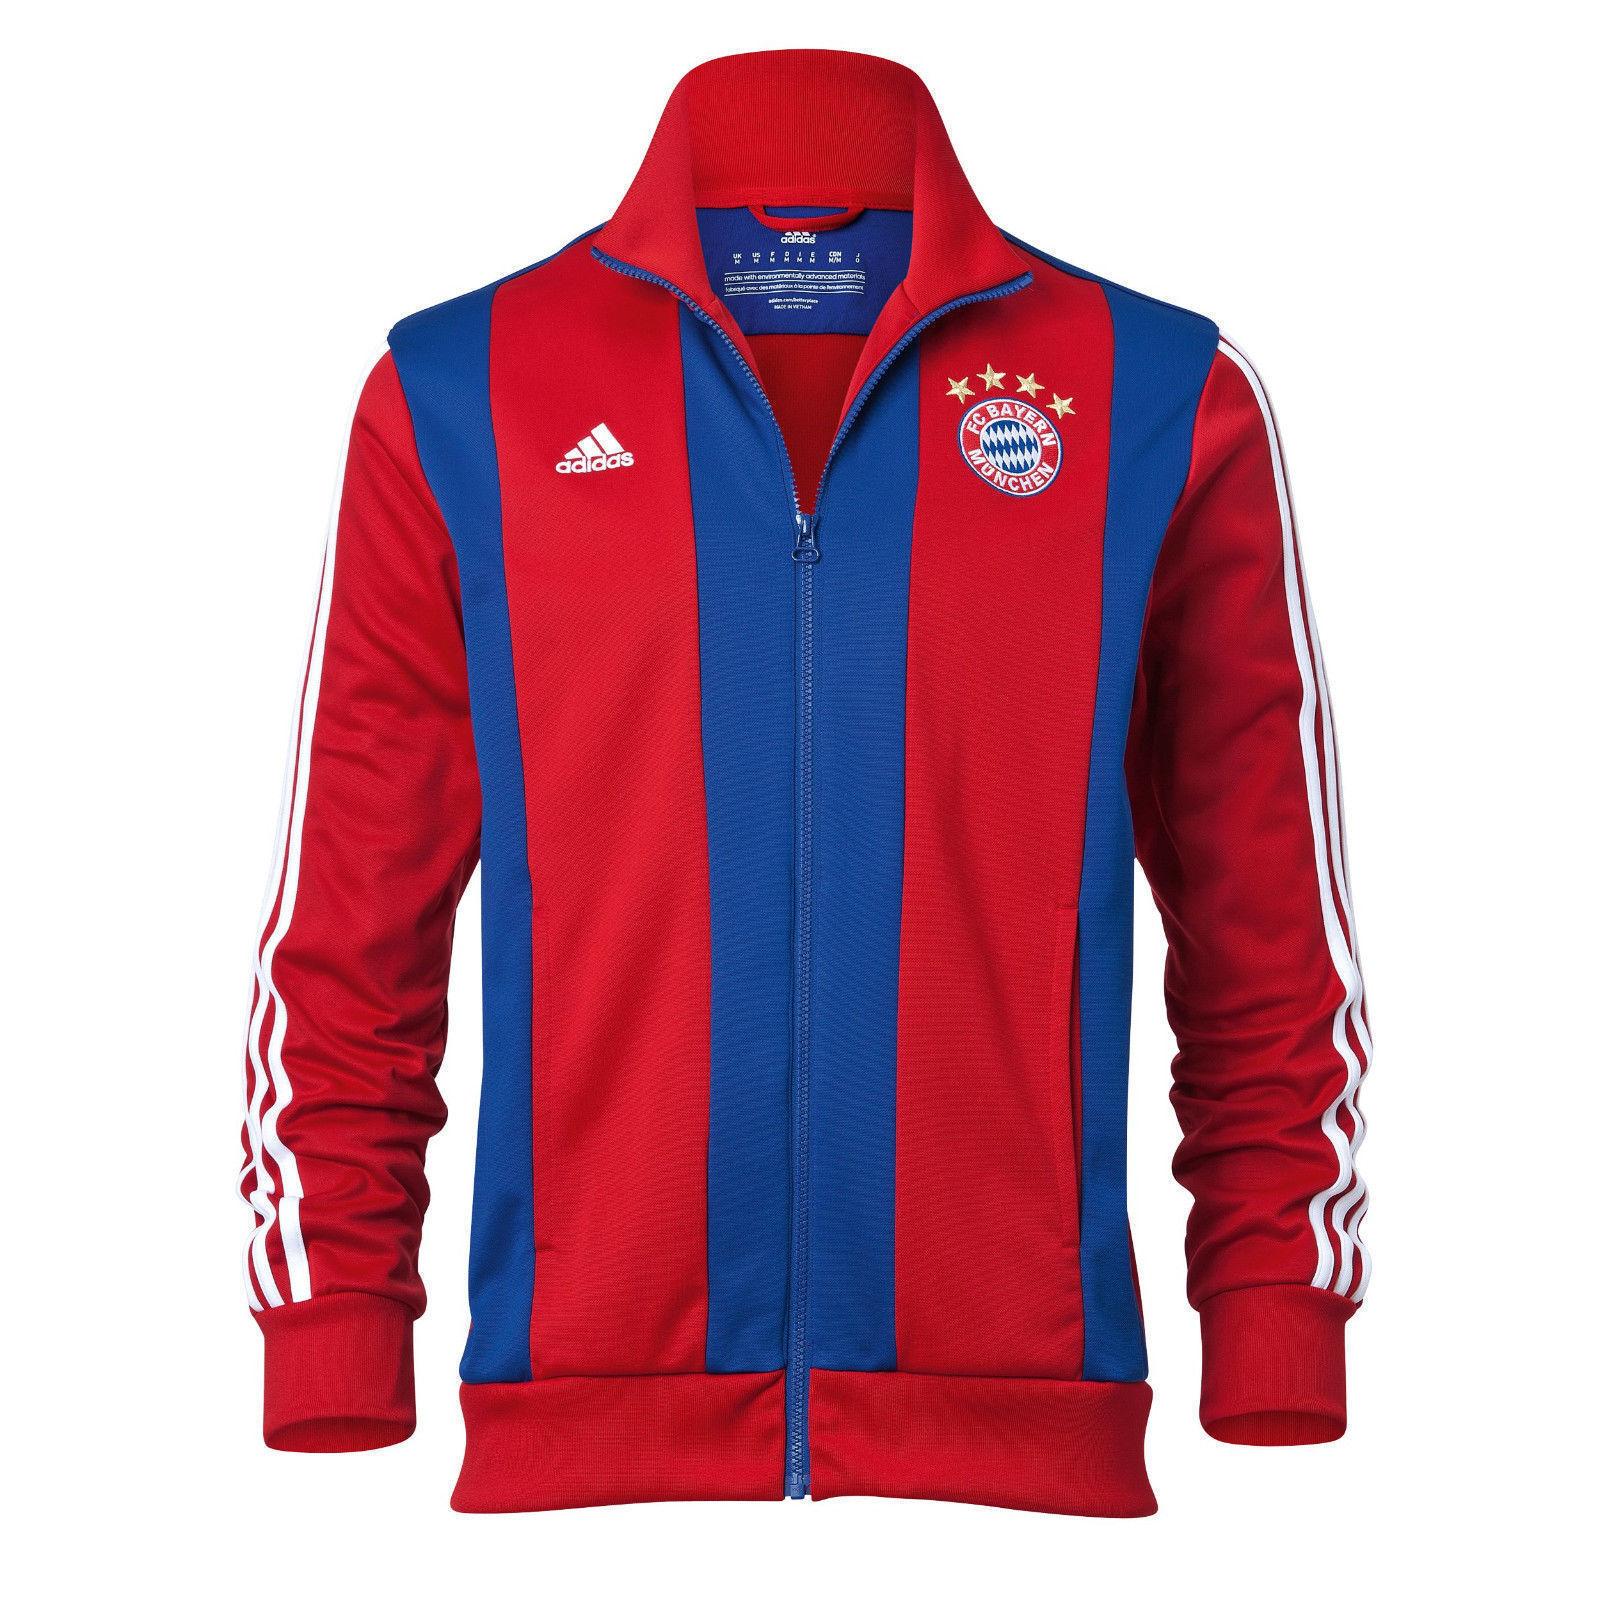 Adidas Bayern Munich Himno Chaqueta Chaqueta de Chándal Rojas   Azul